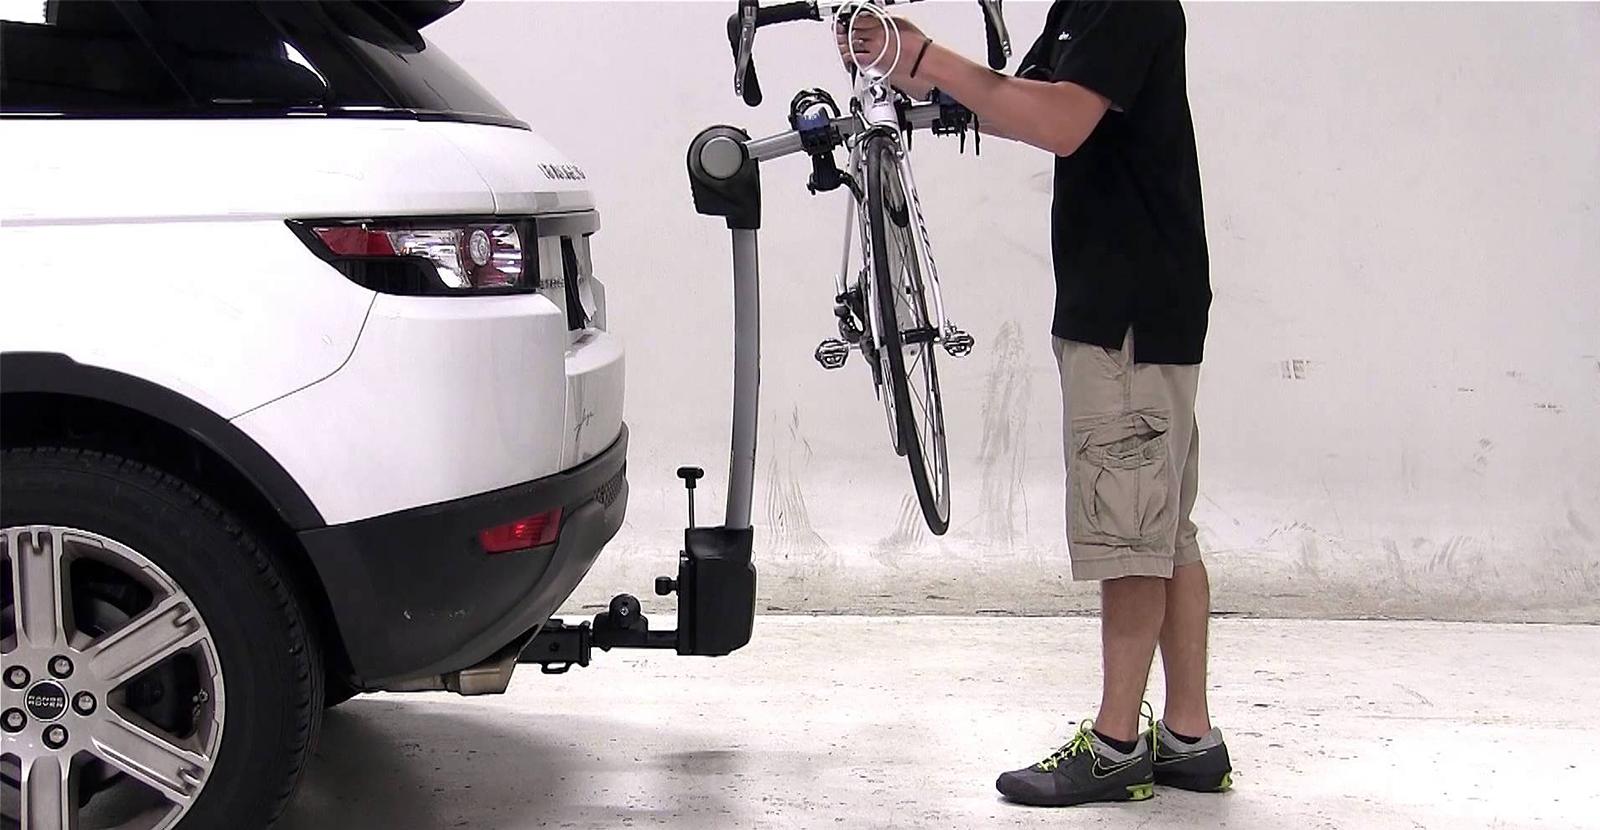 Man putting bike on a car mounted bike rack